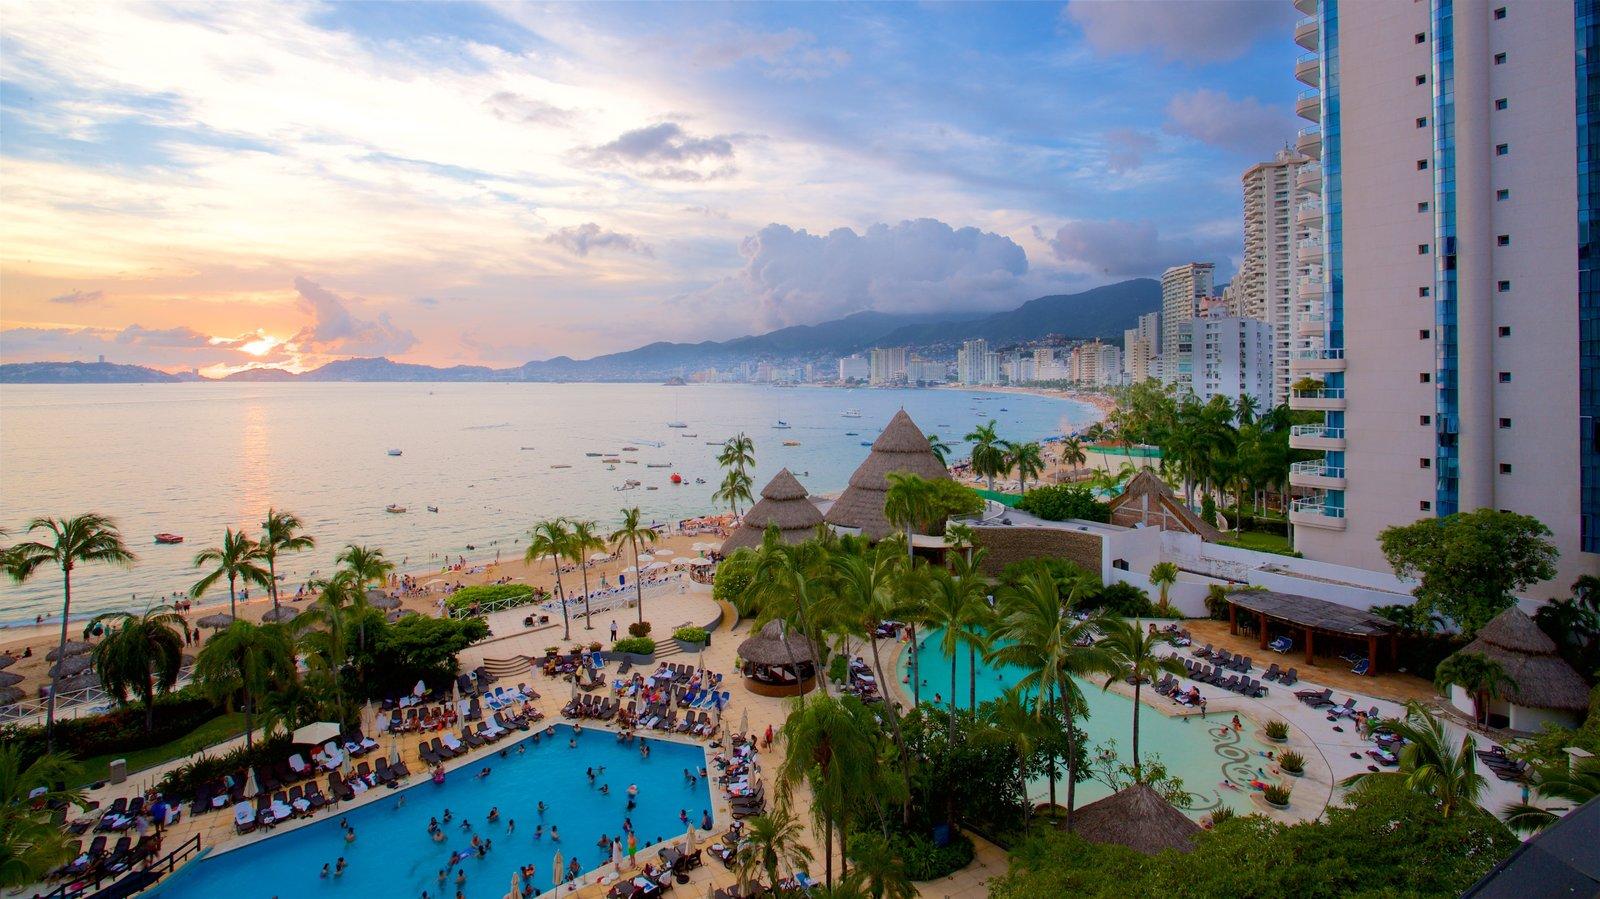 México mostrando un hotel o resort de lujo, una alberca y vistas generales de la costa